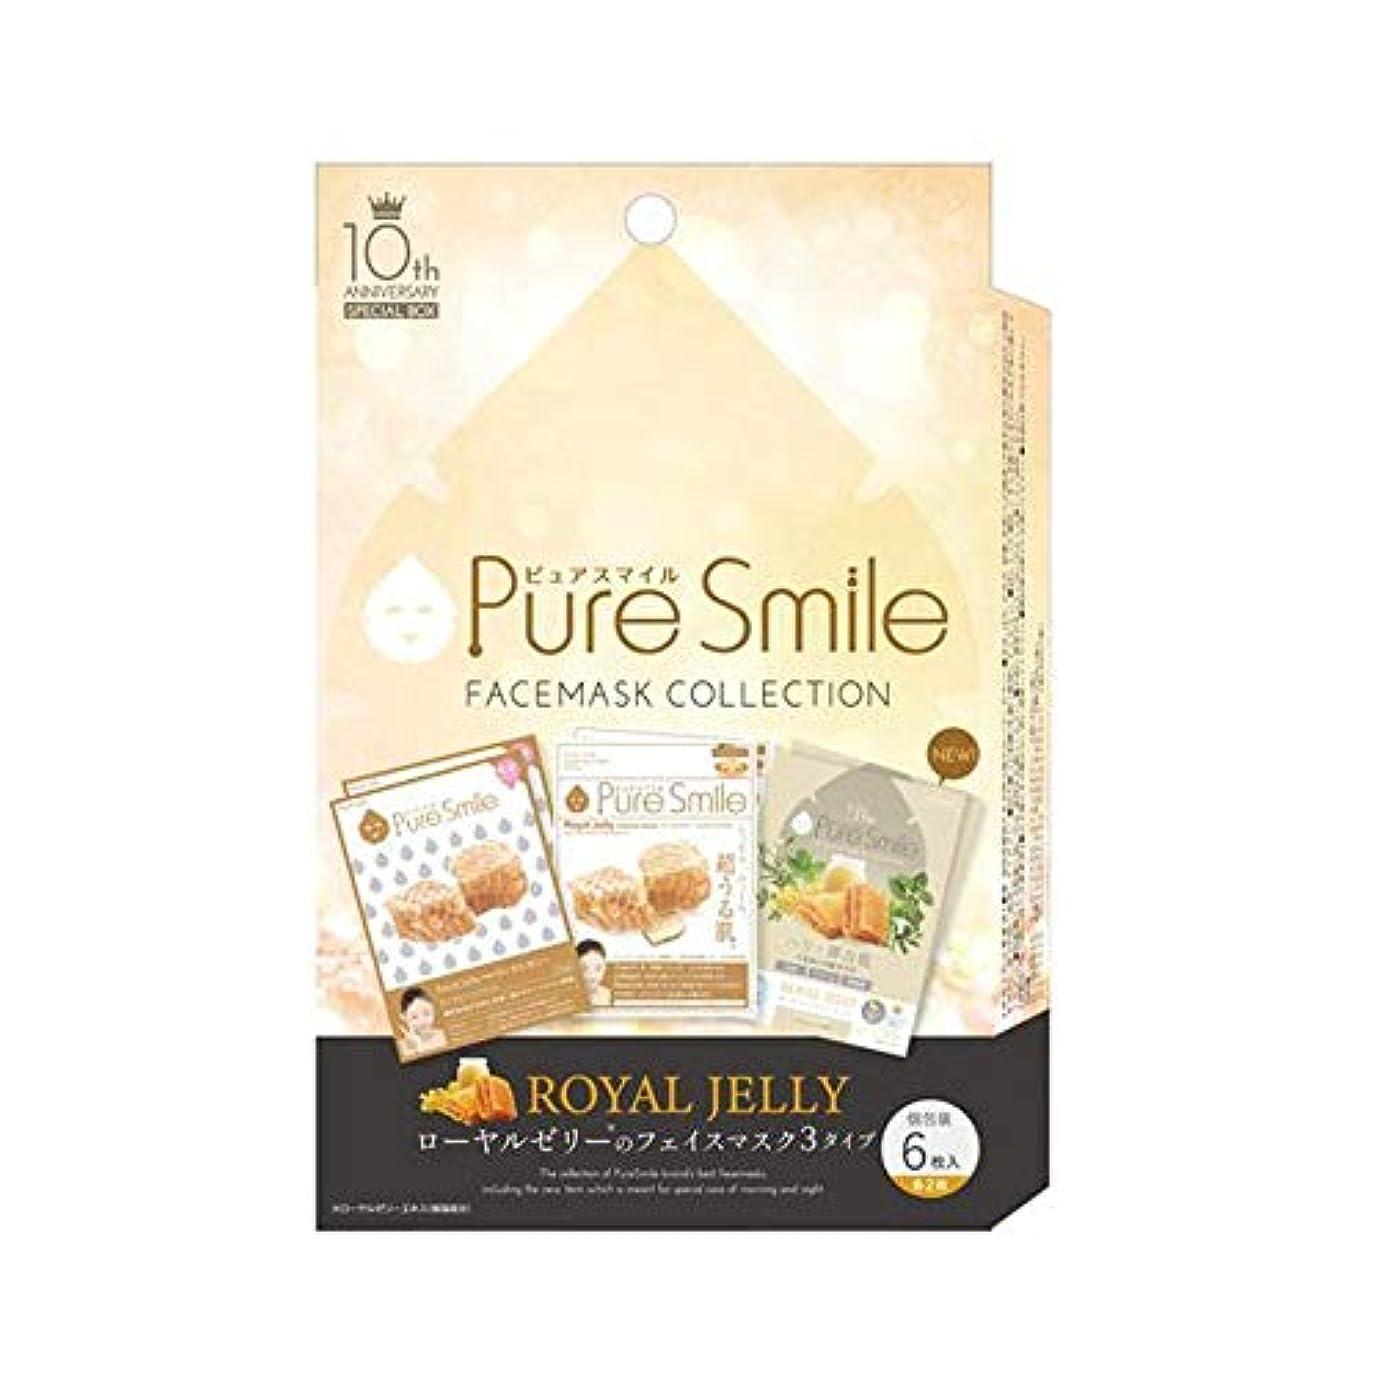 関係征服者枠ピュア スマイル Pure Smile 10thアニバーサリー スペシャルボックス ローヤルゼリーエキス 6枚入り